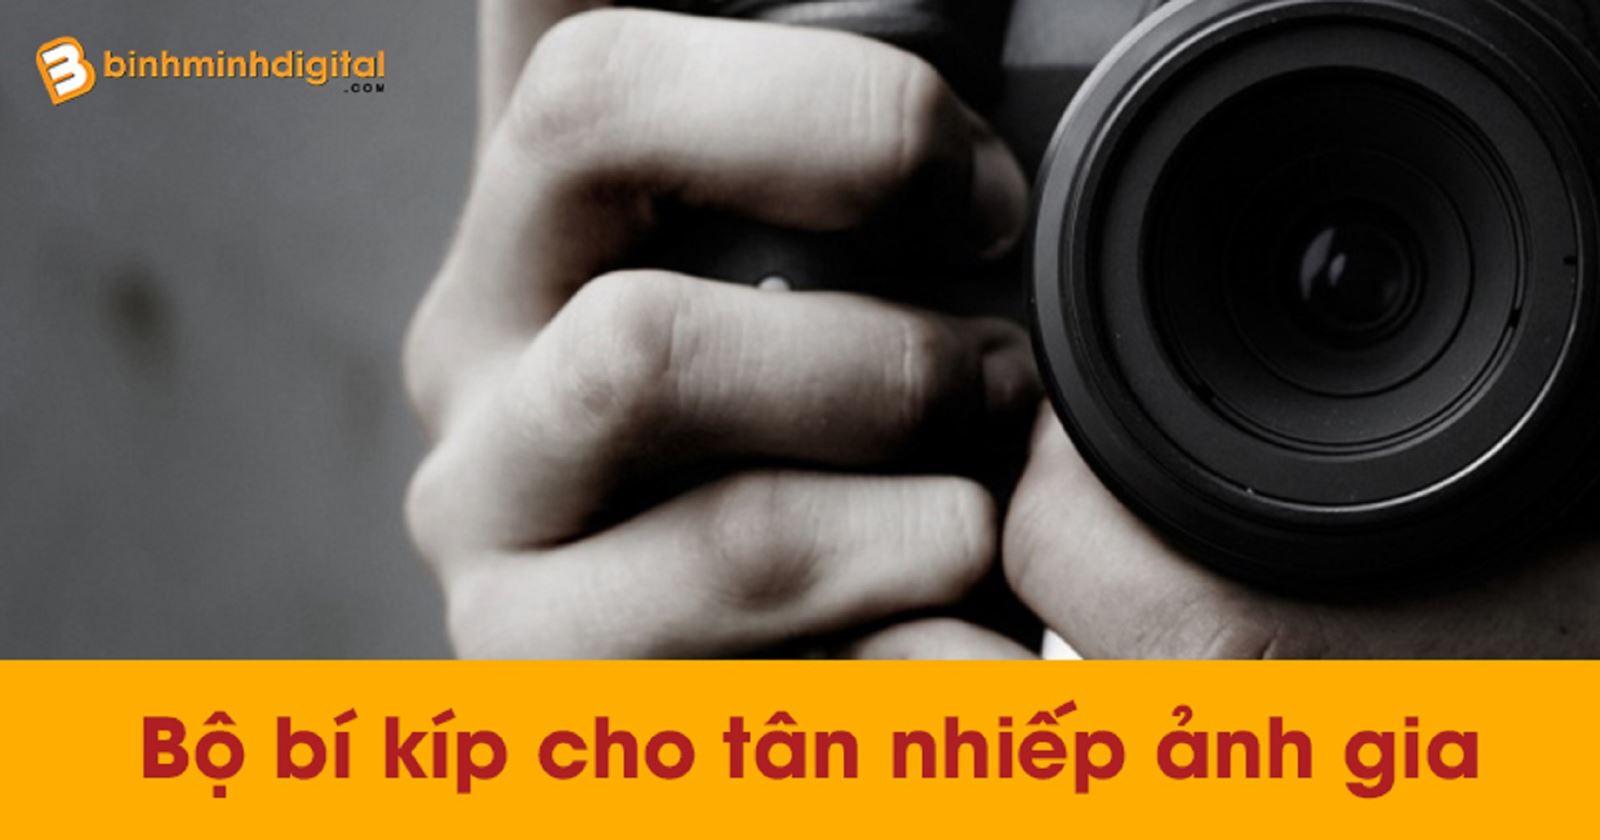 Bộ bí kíp cho tân nhiếp ảnh gia